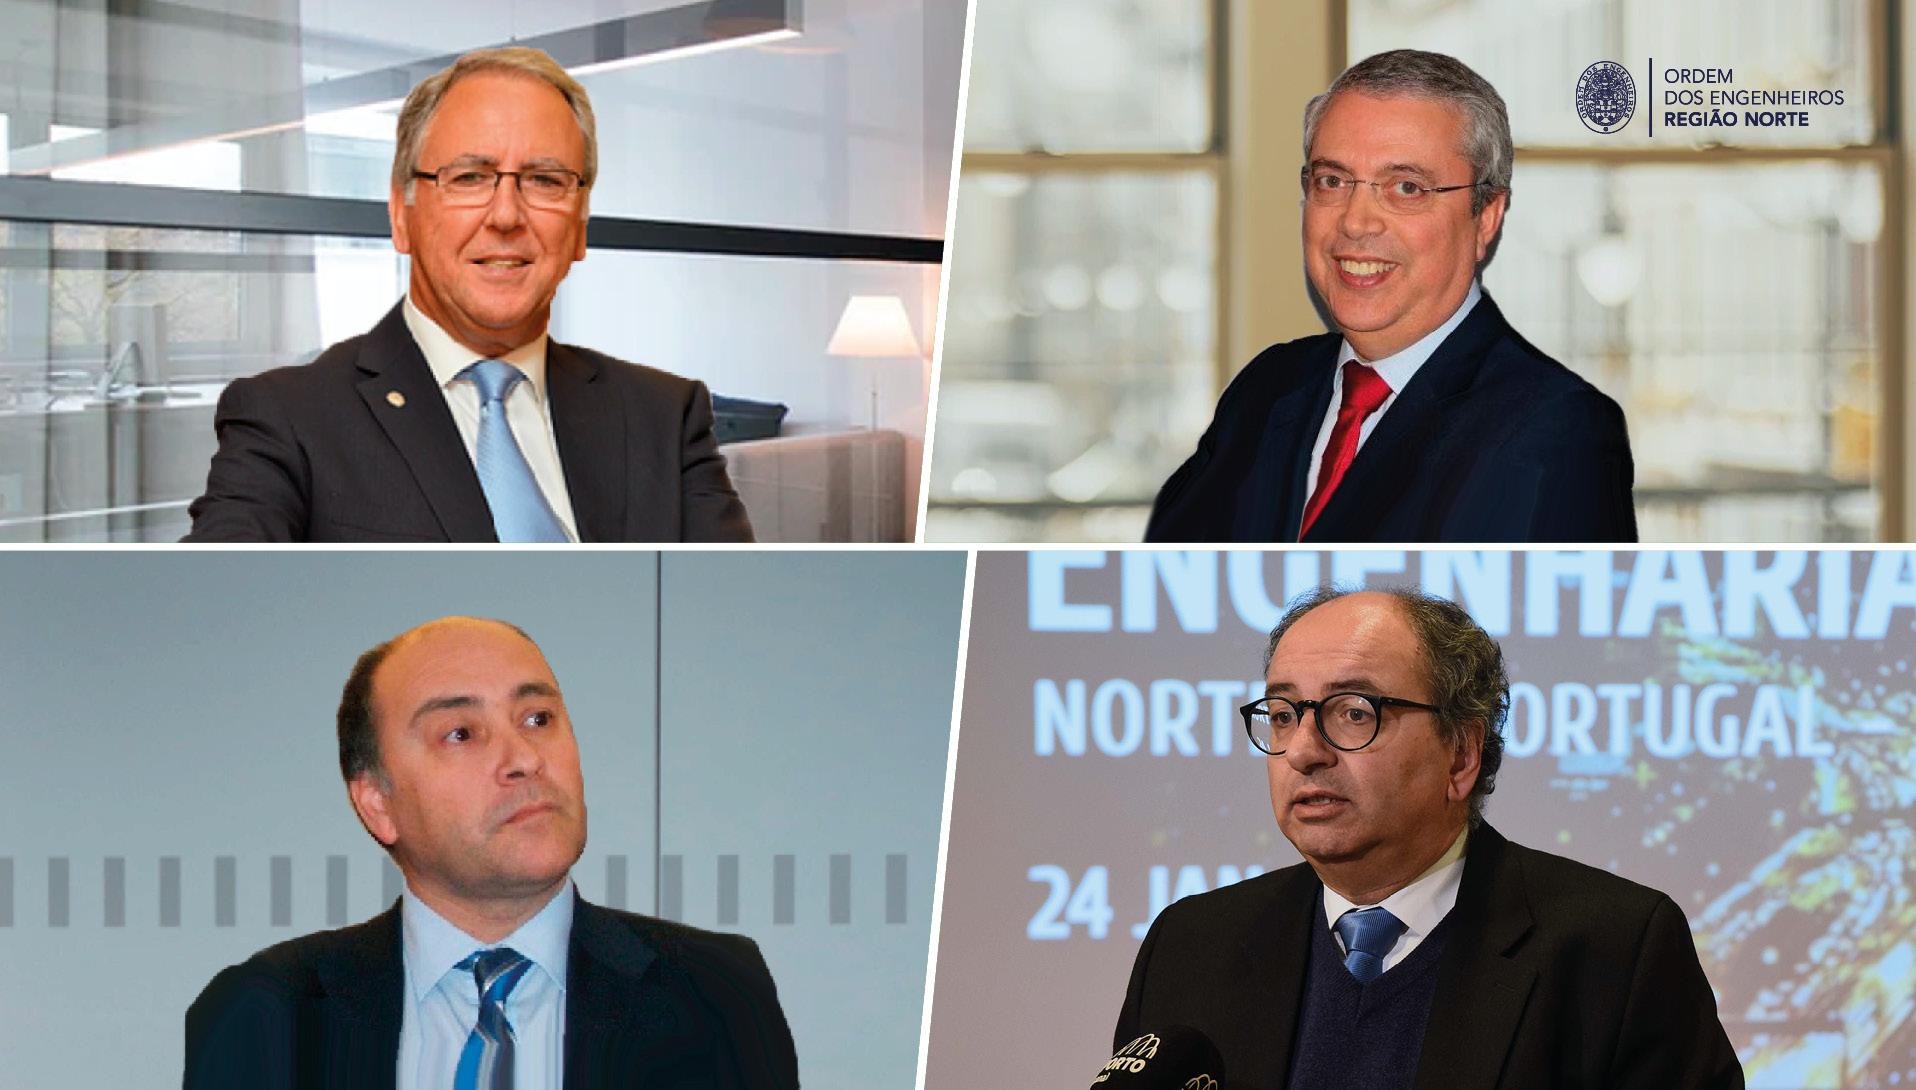 Plataforma Notícias Ordem Engenheiros Região Norte - Engenheiros nomeados membros da Comissão Nacional de Acompanhamento do Plano de Recuperação e Resiliência